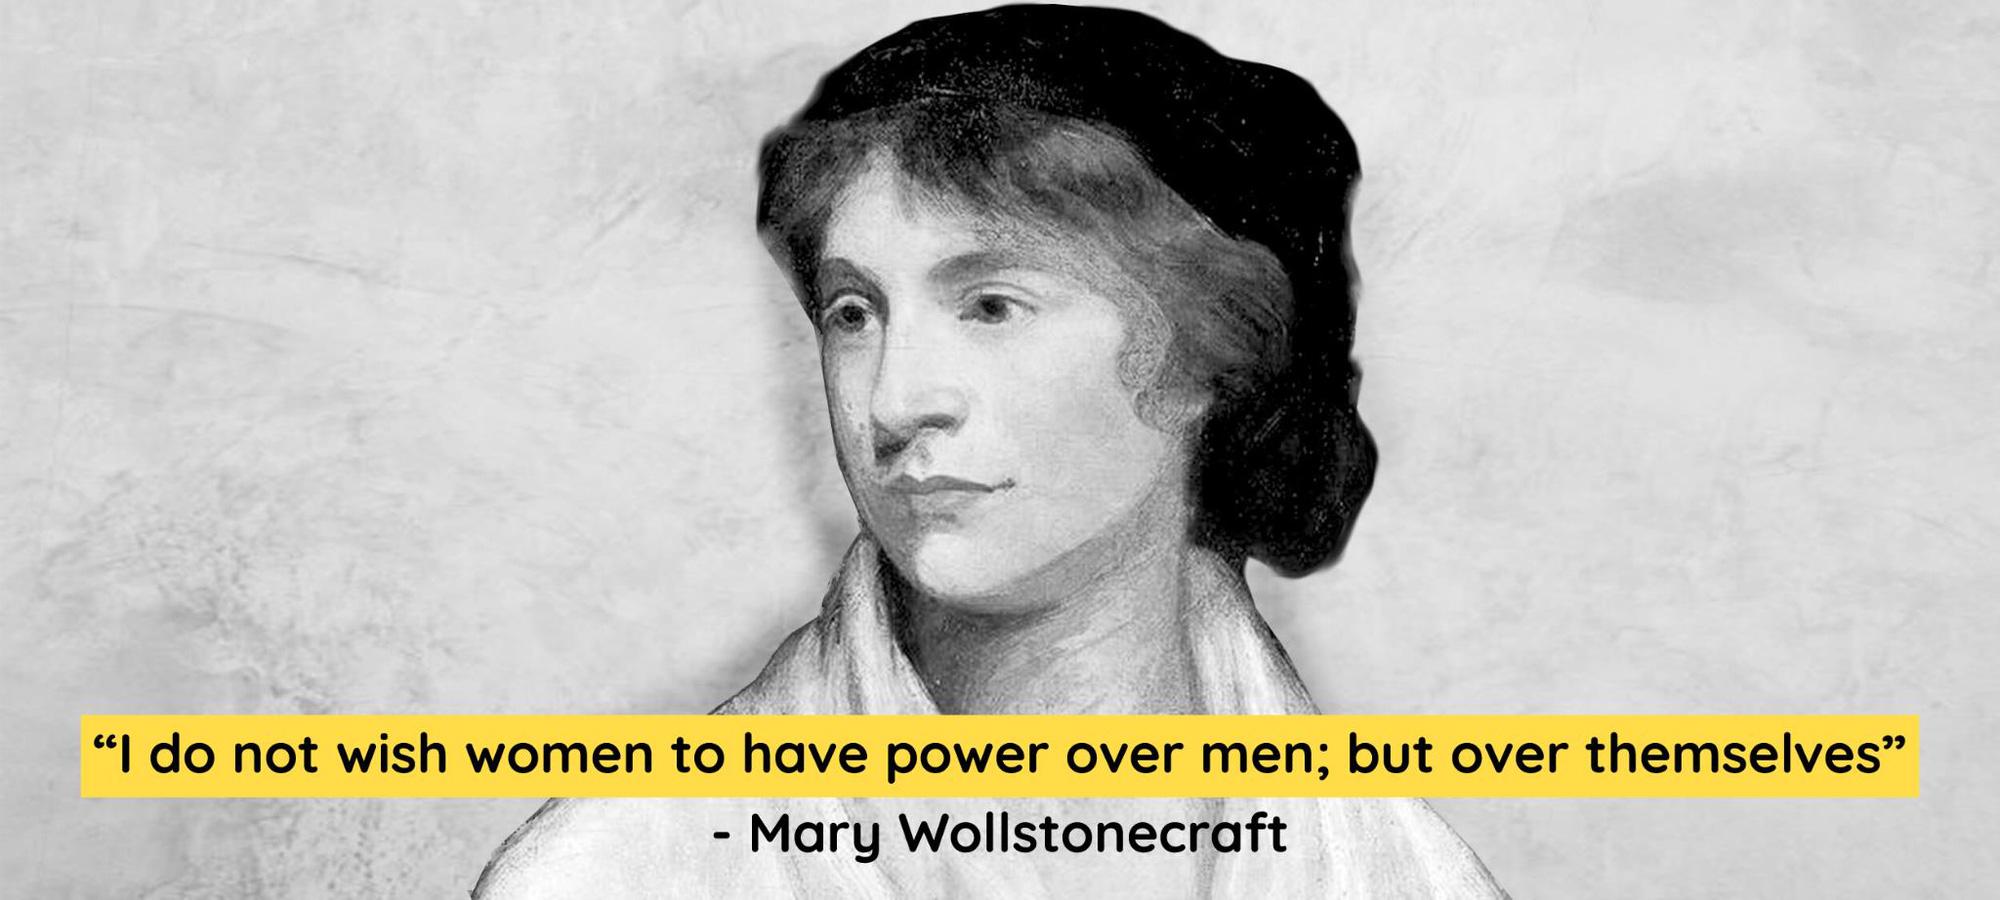 Nữ quyền là chống lại đàn ông? - Ảnh 2.